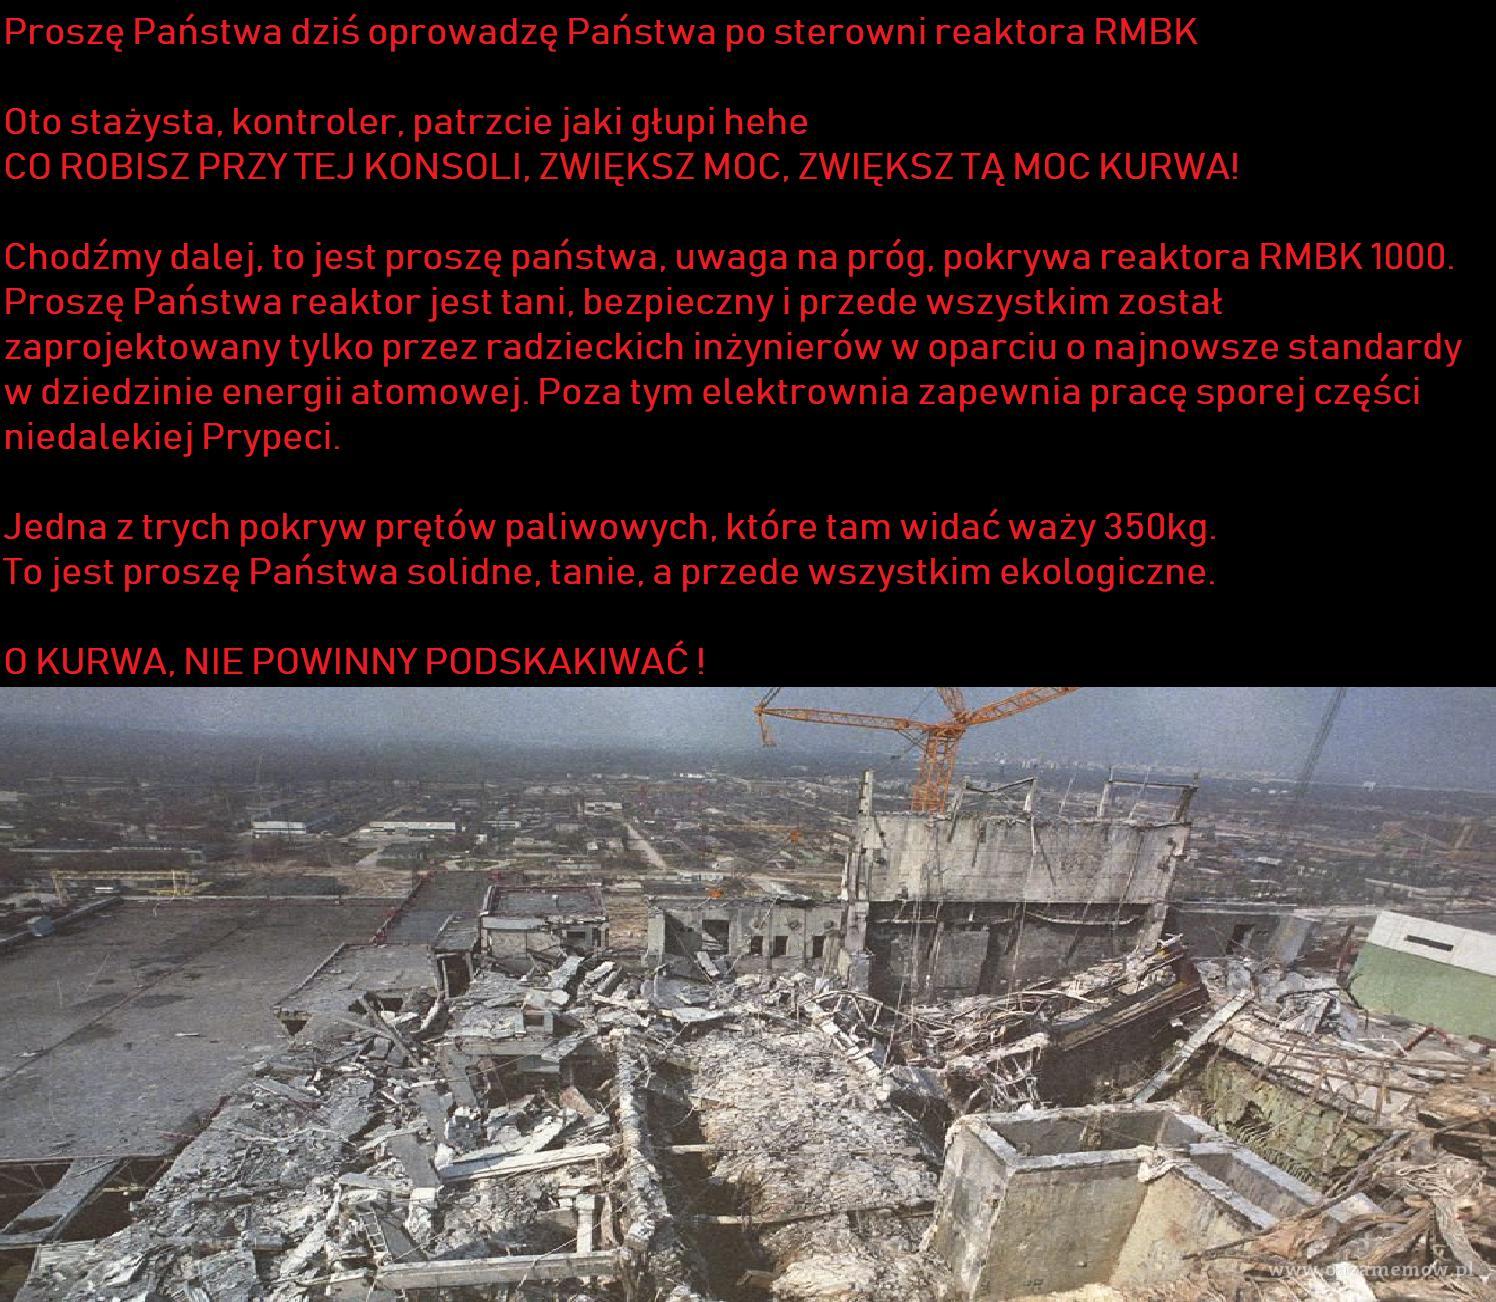 Proszę Państwa dziś oprowadzę Państwa po sterowni reaktora RMBK Oto stażysta, kontroler, patrzcie jaki głupi hehe CO ROBISZ PRZY TEJ KONSOLI,...